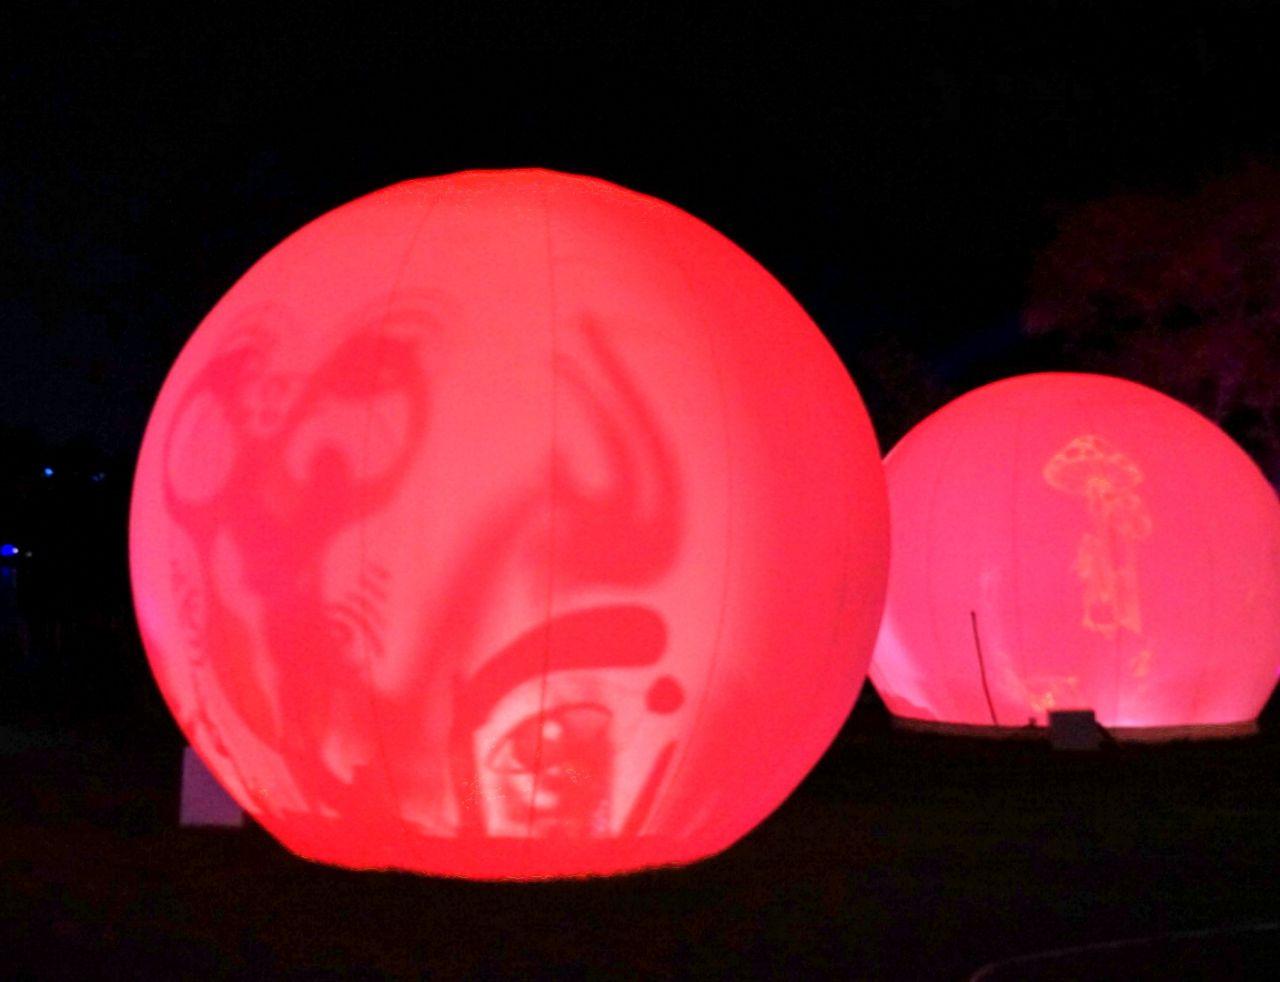 原创             北京周边游,十一固安有新玩法,光影节上演精彩绝伦的视觉盛宴